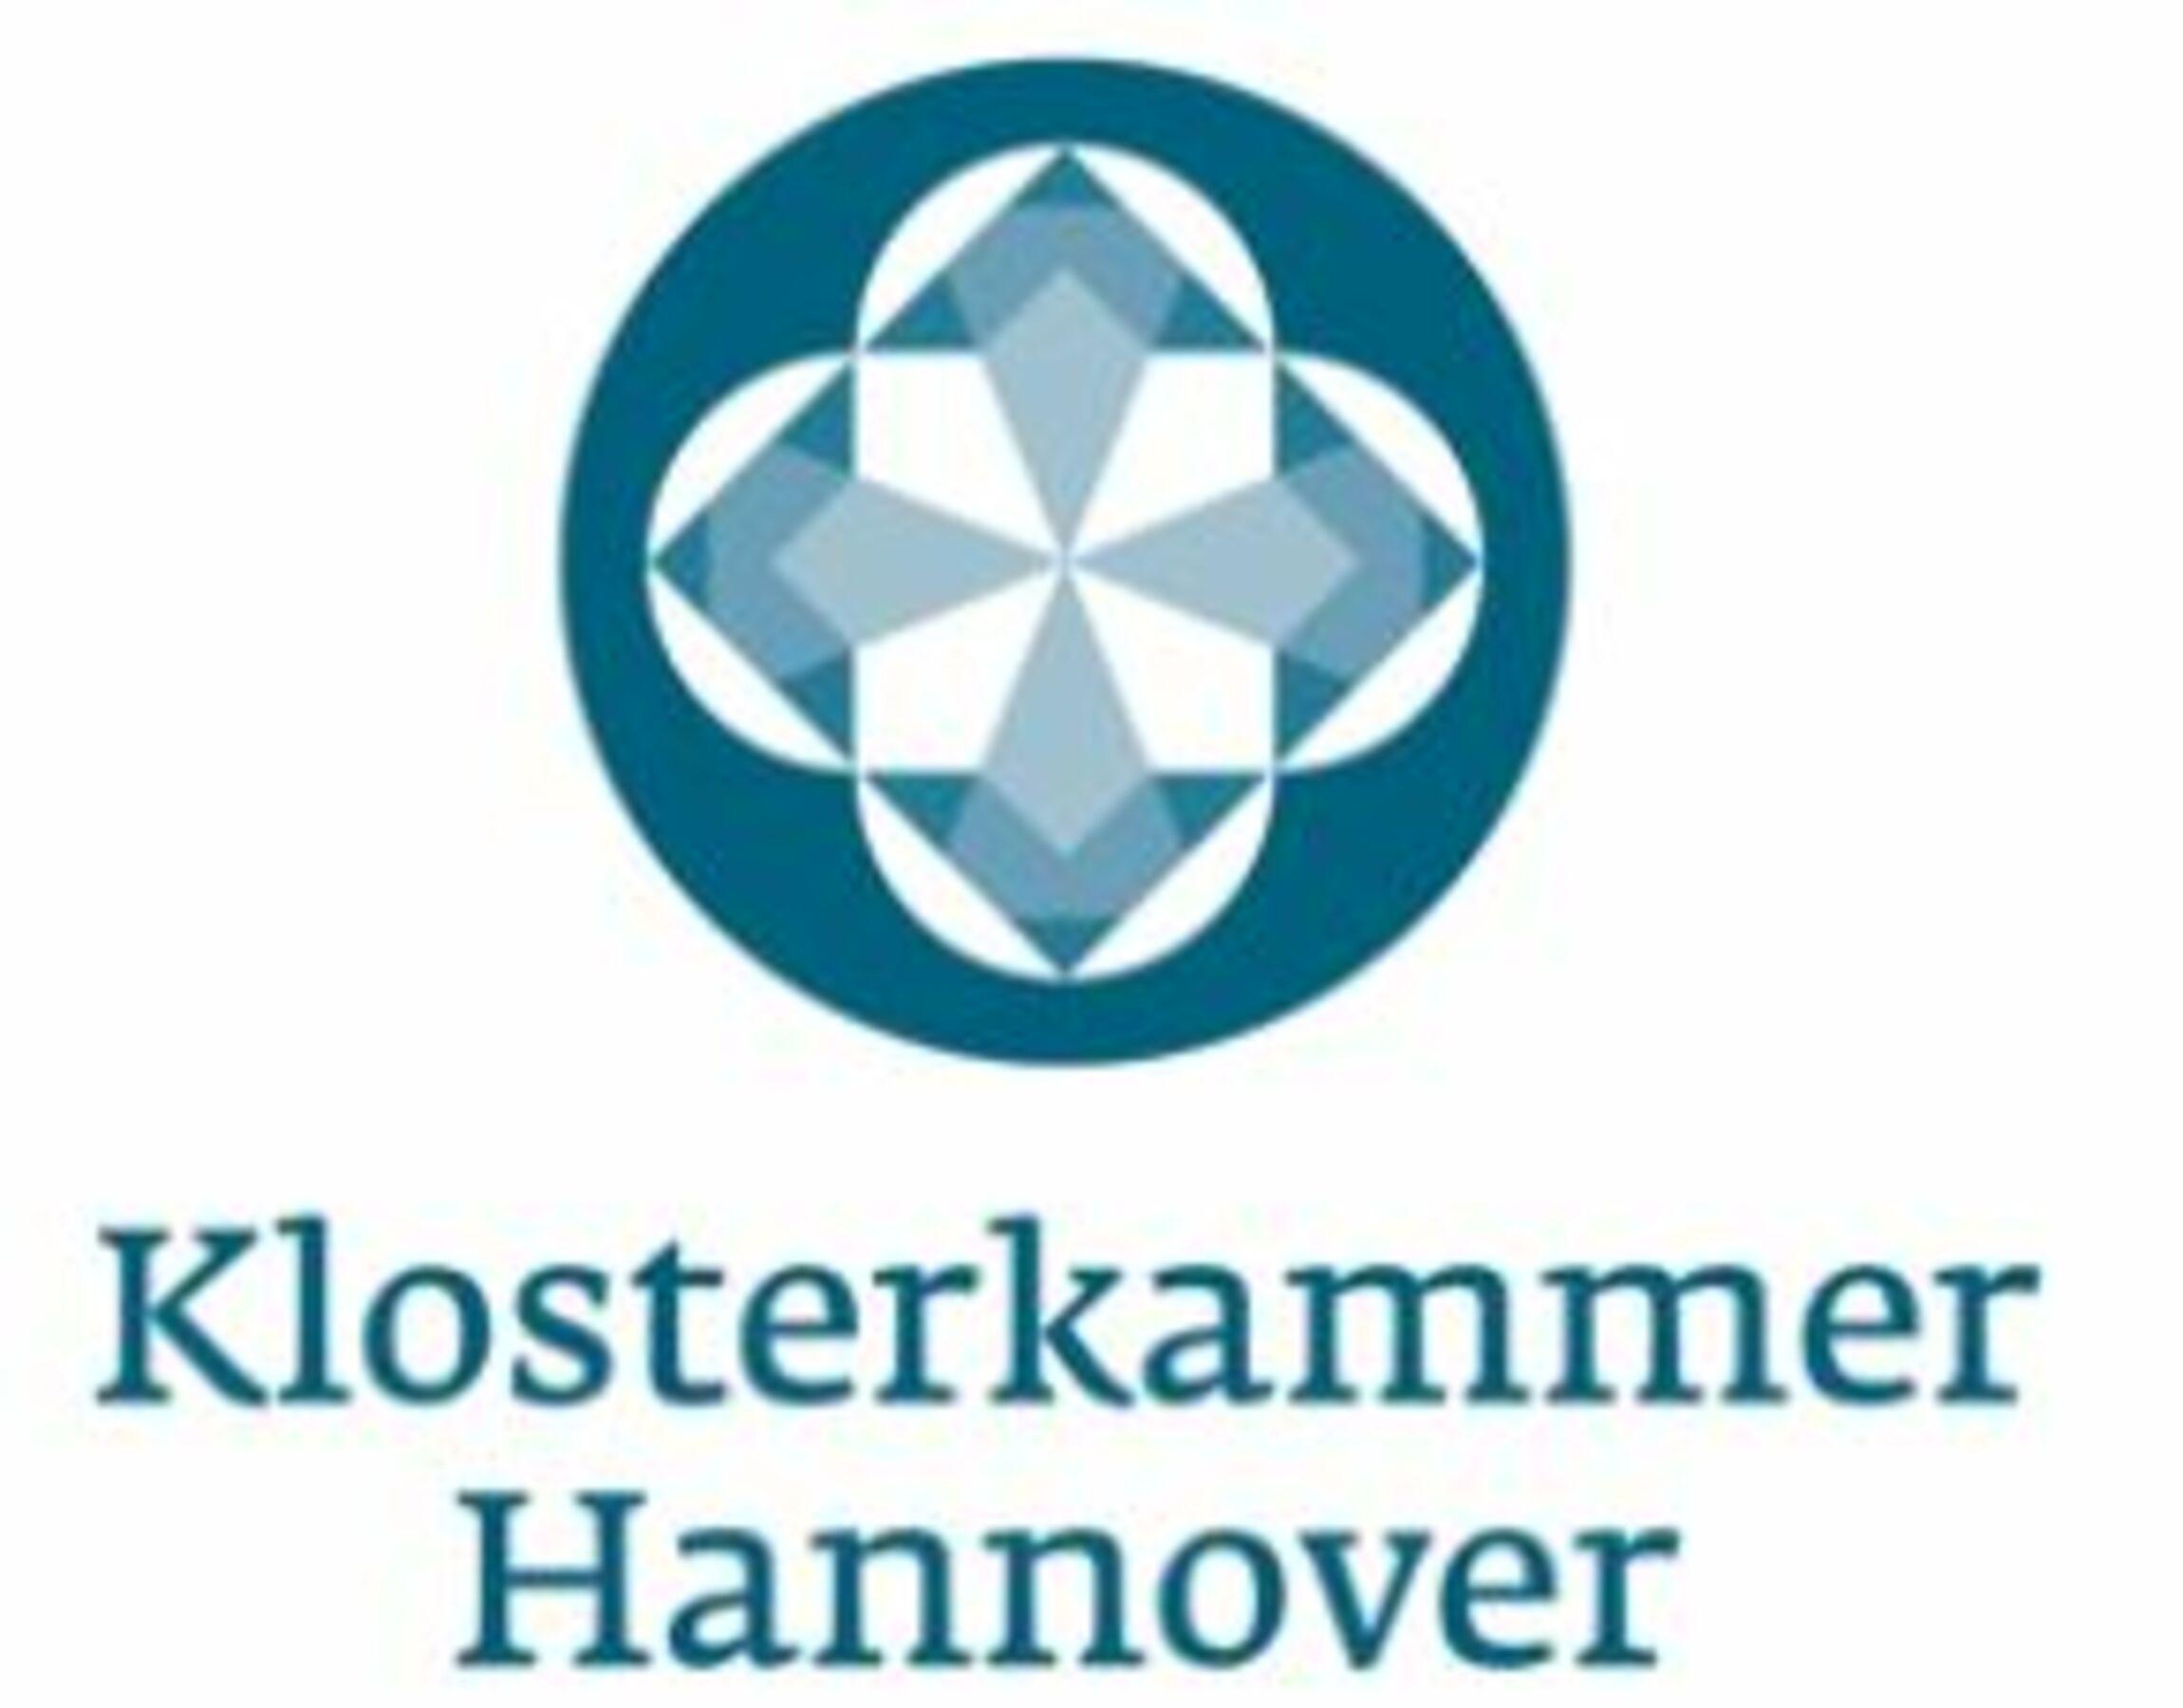 Logo Klosterkammer